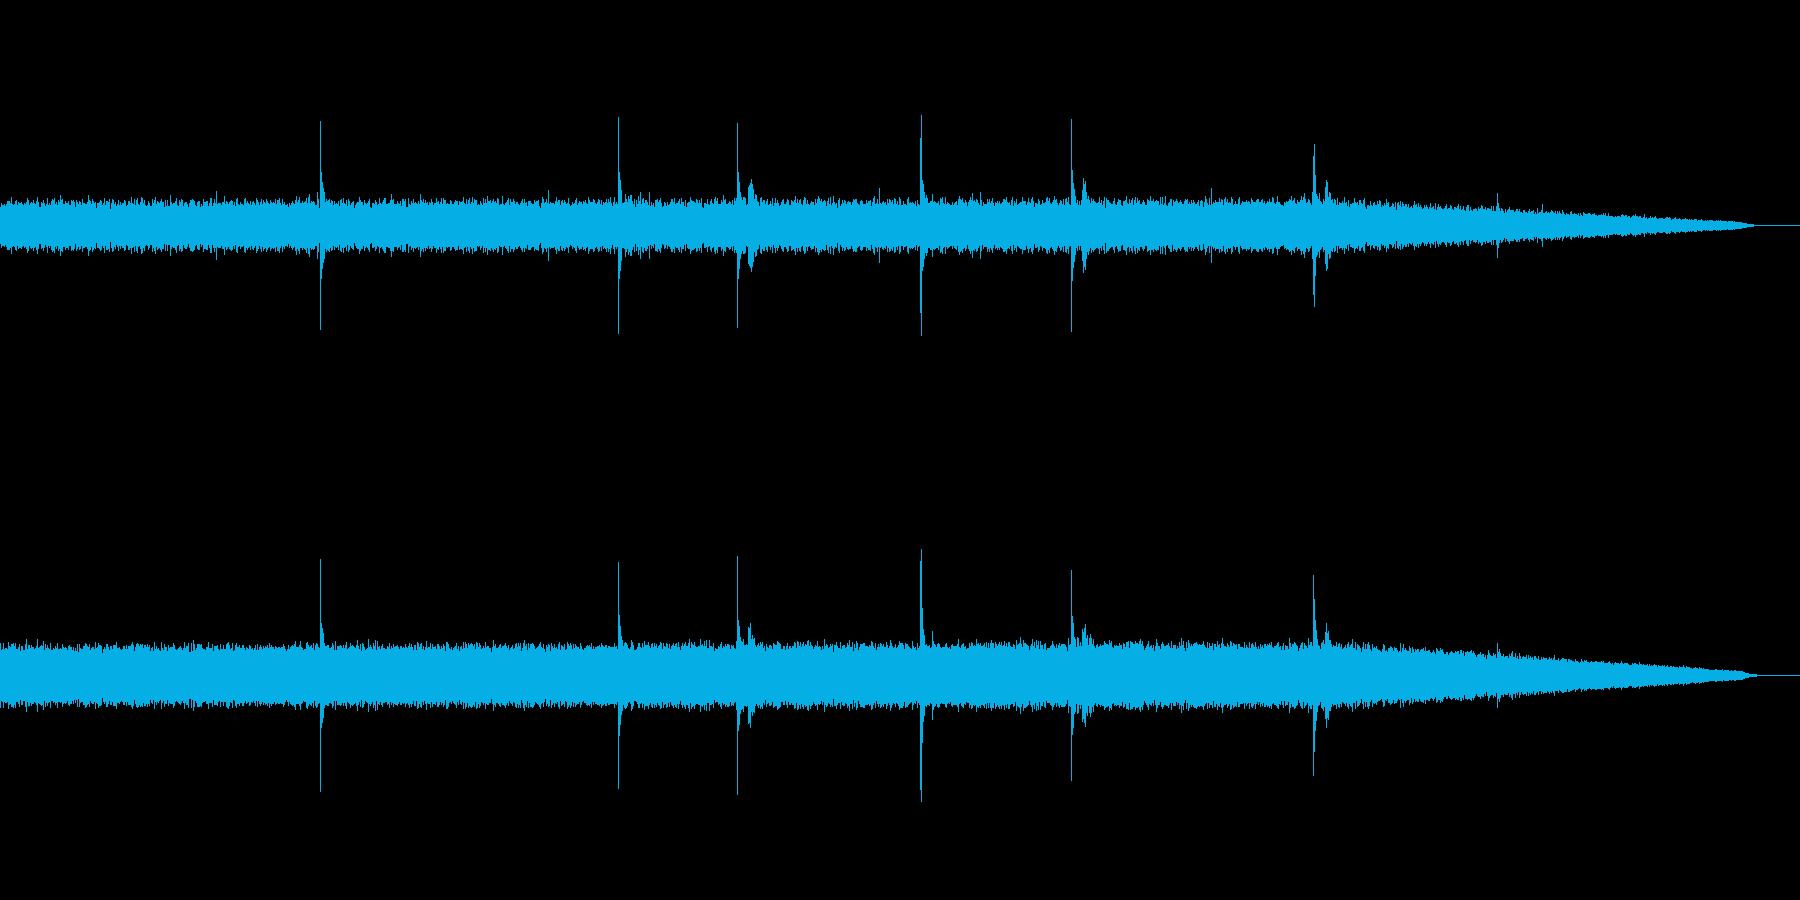 雨音&雨漏り01(ザーー ぽたぽた)の再生済みの波形